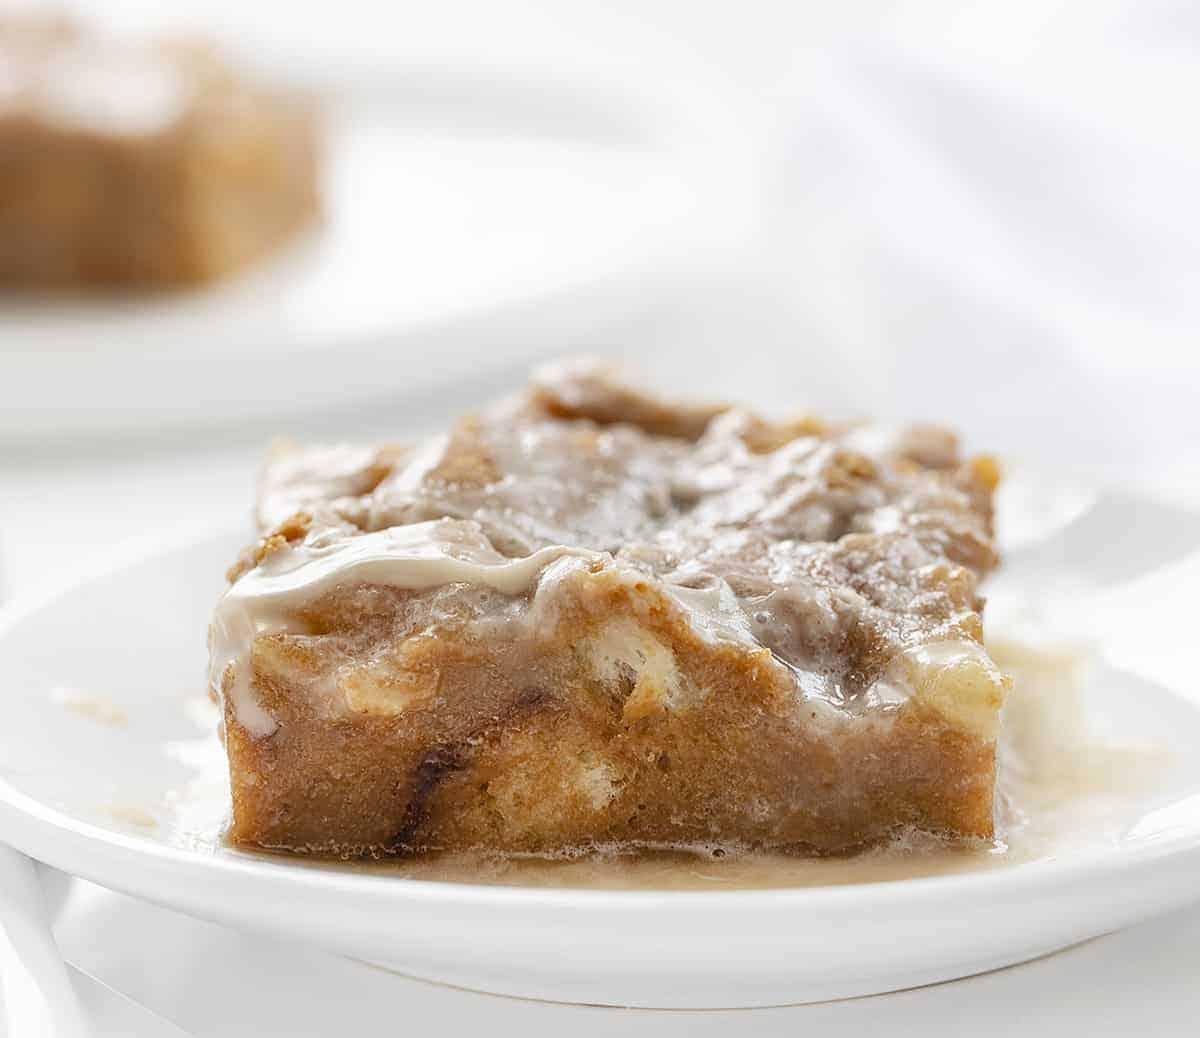 Une tranche de pouding au pain au chocolat et au caramel sur une plaque blanche